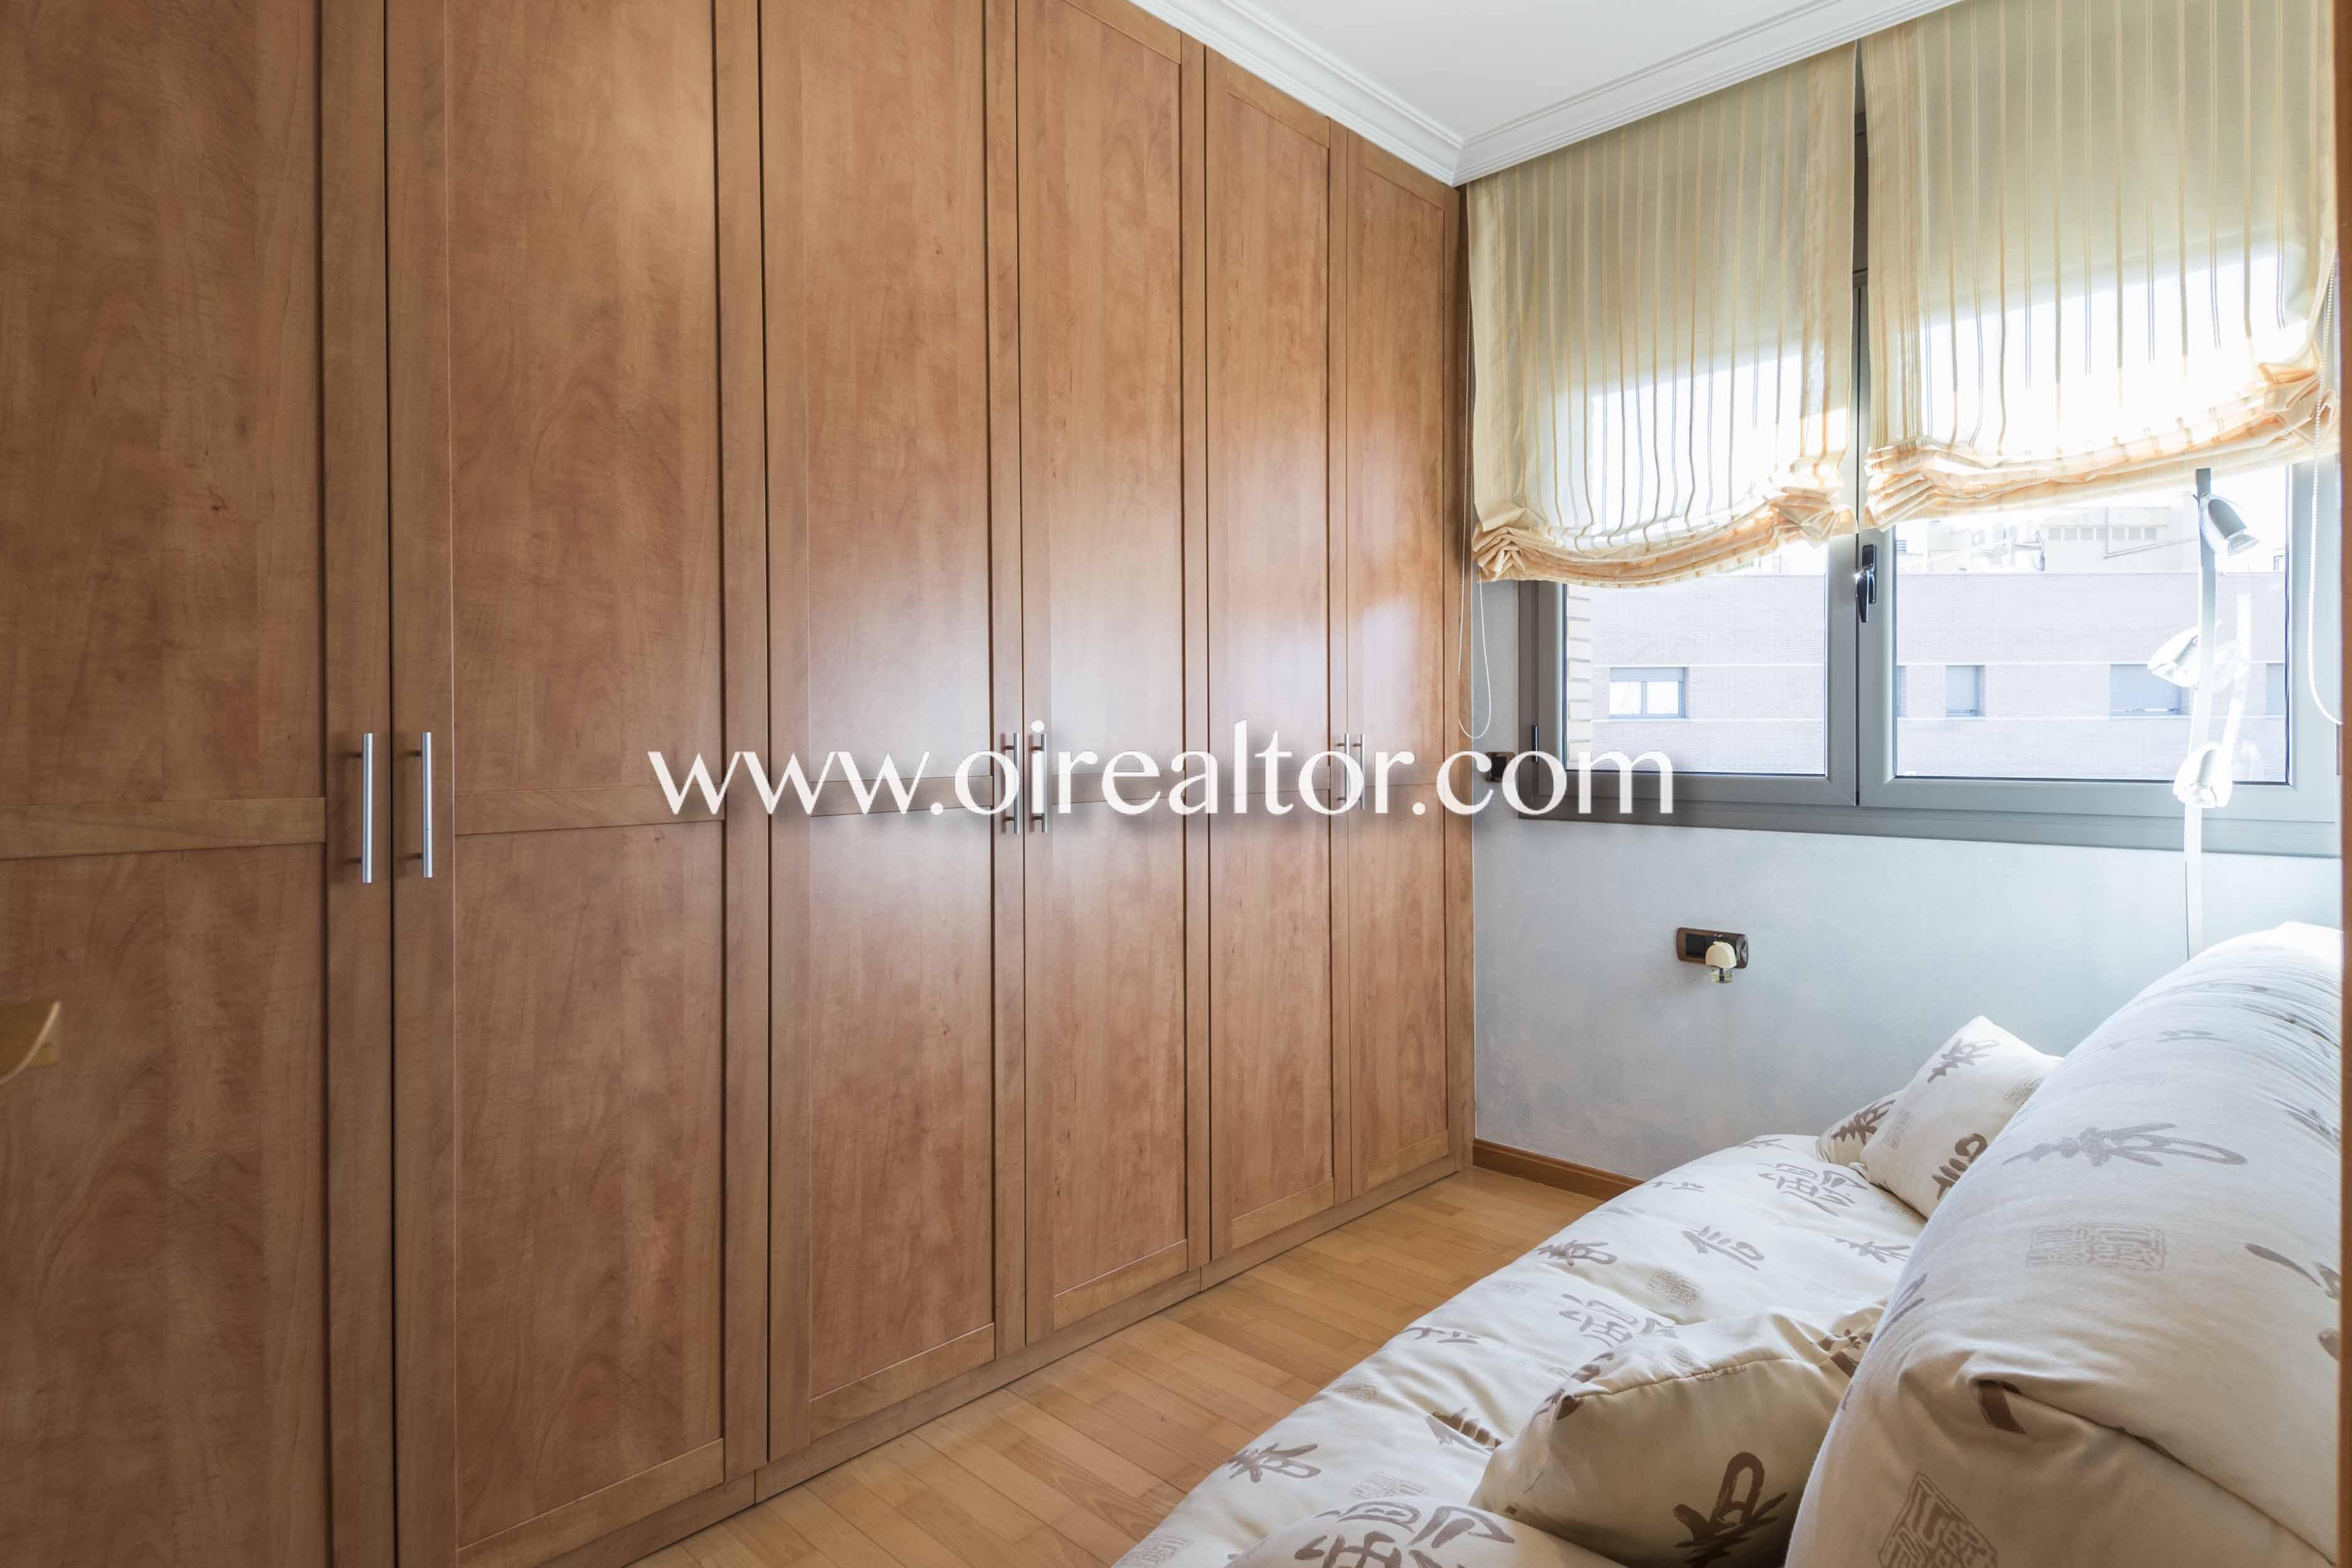 sala de estar, salón, armarios empotrados, sofá